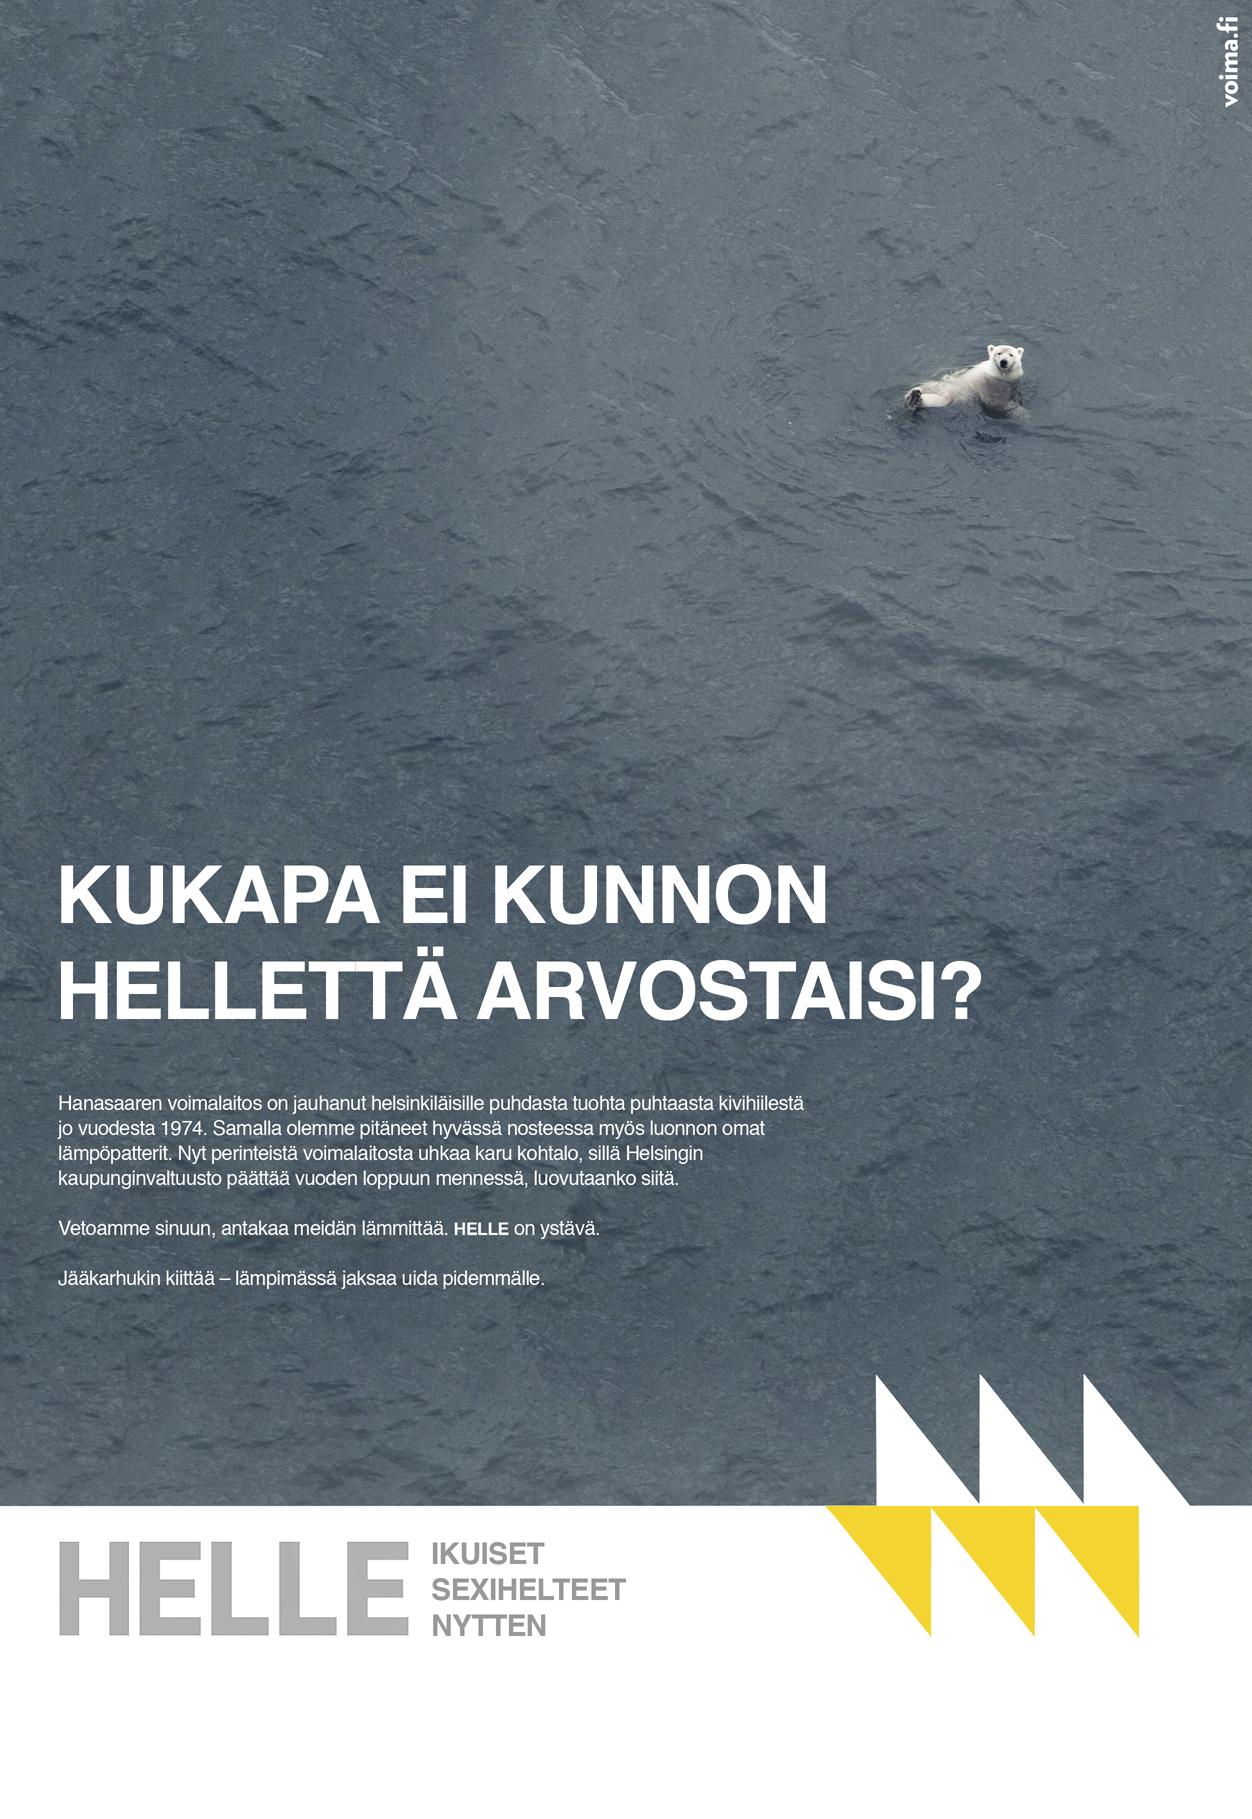 Vuonna 2015 Helsingissä keskusteltiin Hanasaaren siilivoimalan tulevaisuudesta. Vastakkain oli lyhyellä tähtäimellä kustannustehokkaampi vaihtoehto voimalan elinkaaren pidentämisestä lisäinvestointien avulla sekä päätös hiilivoimalan toiminnan hallitusta alas ajamisesta ja investoinneista kestävämpään energian tuotantoon. Kestävämpi vaihtoehto voitti lopulta.